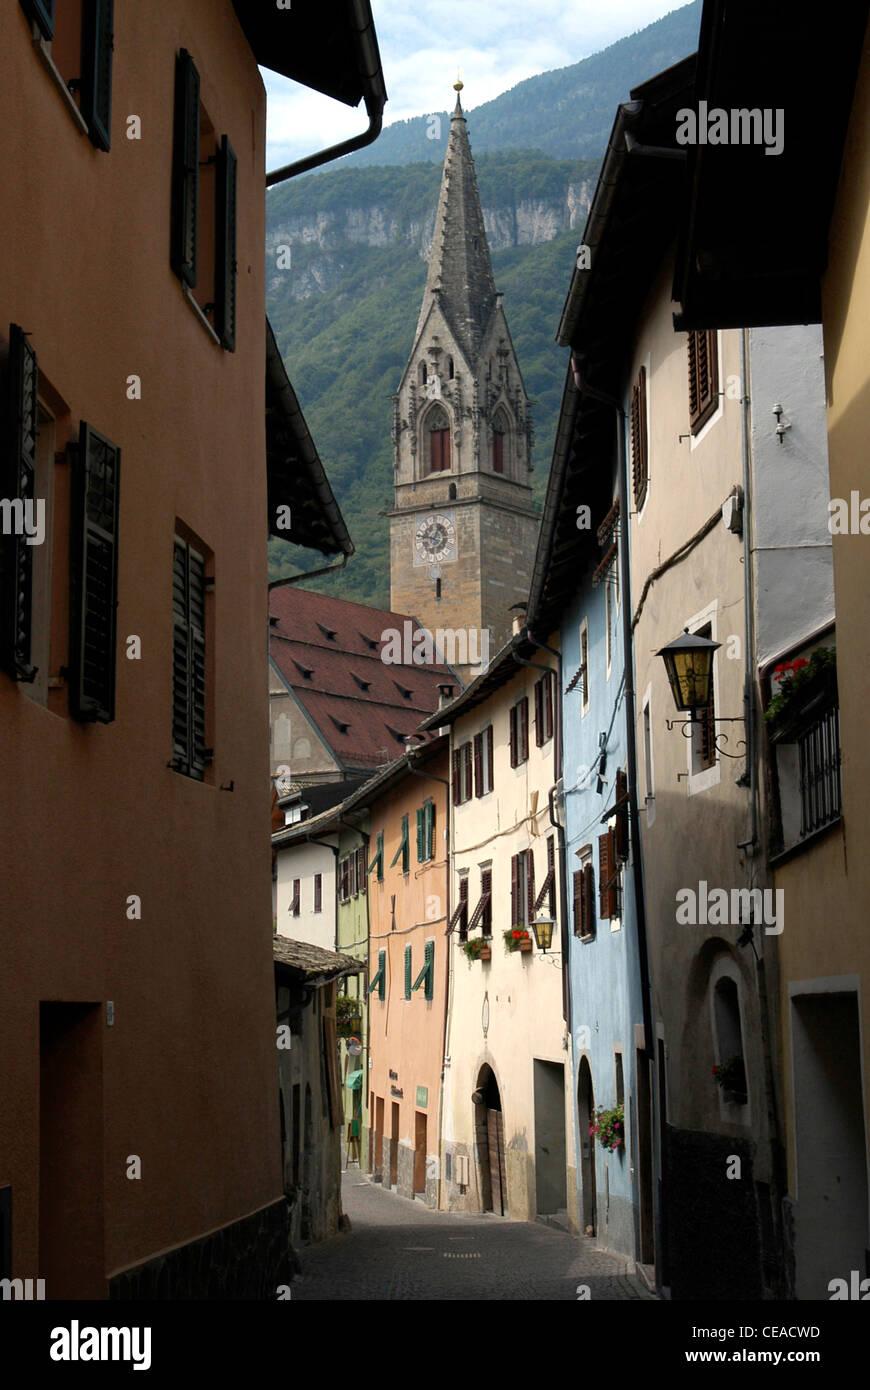 Alte Gasse in Tramin an der Südtiroler Wein-Route mit der gotischen Pfarrkirche aus dem 15. Jahrhundert. Stockbild